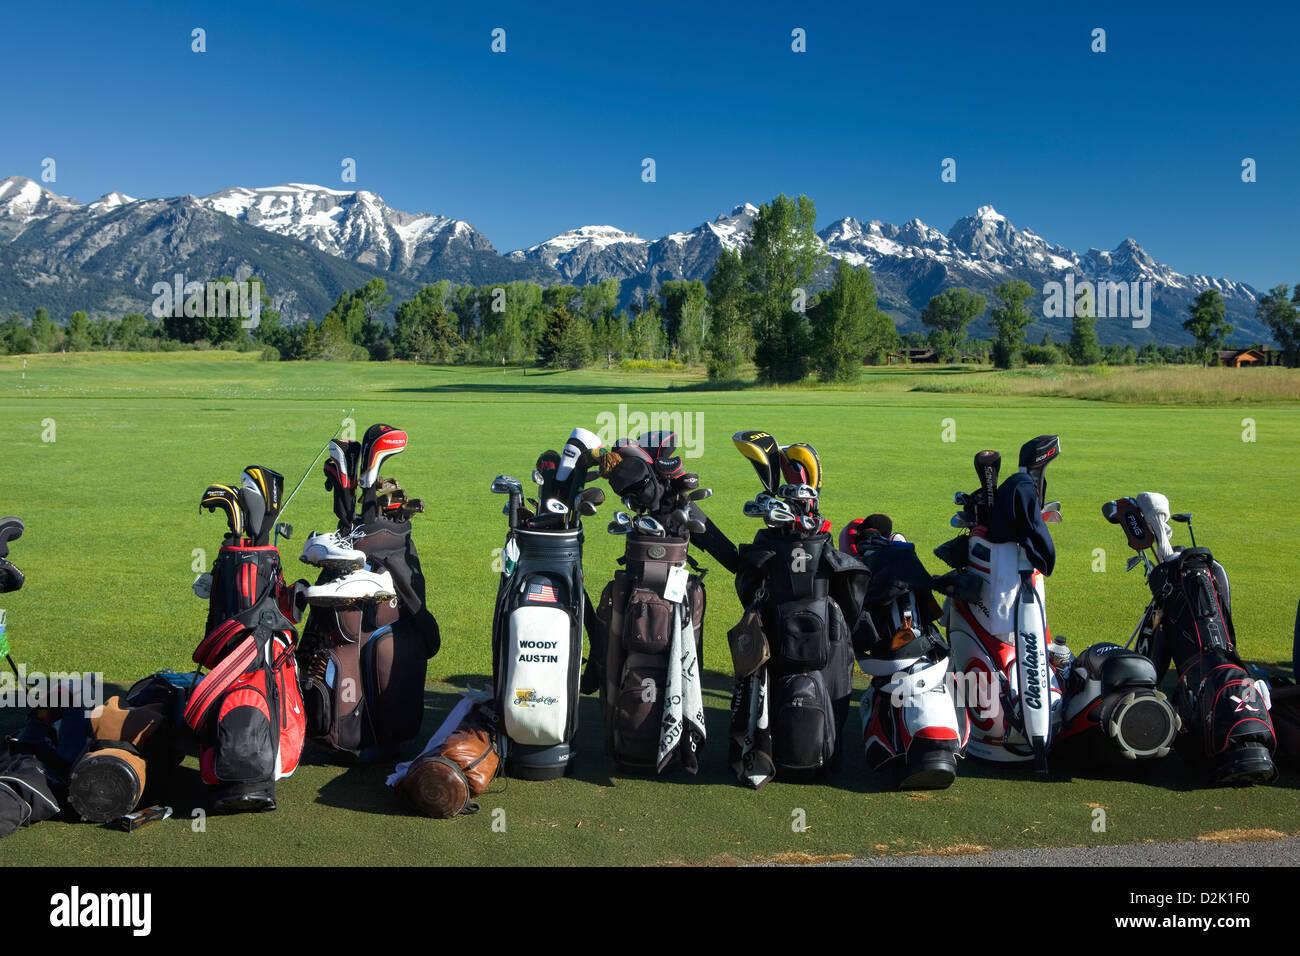 WY00228-00...WYOMING - Il Teton range sullo sfondo della Jackson Hole Golf e Tennis Club. Immagini Stock